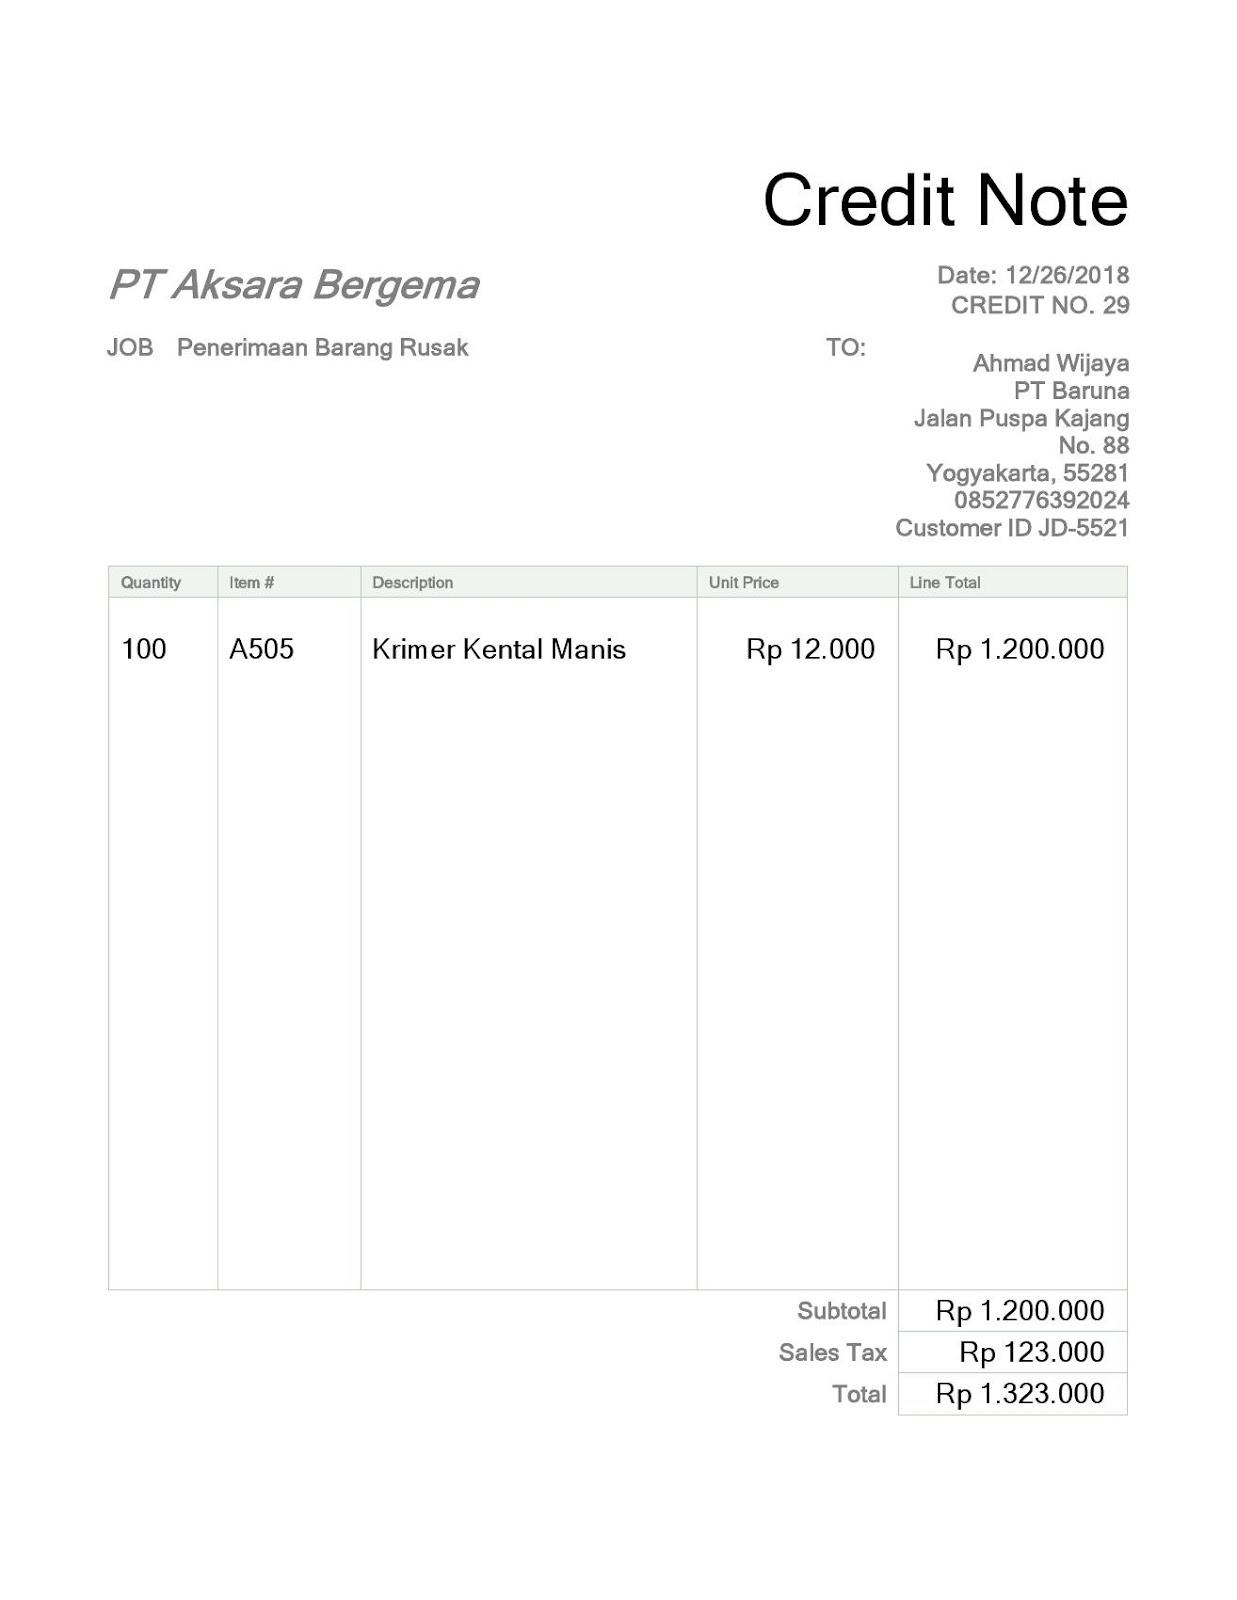 Pengertian Nota Kredit Tujuan Dan Manfaat Business